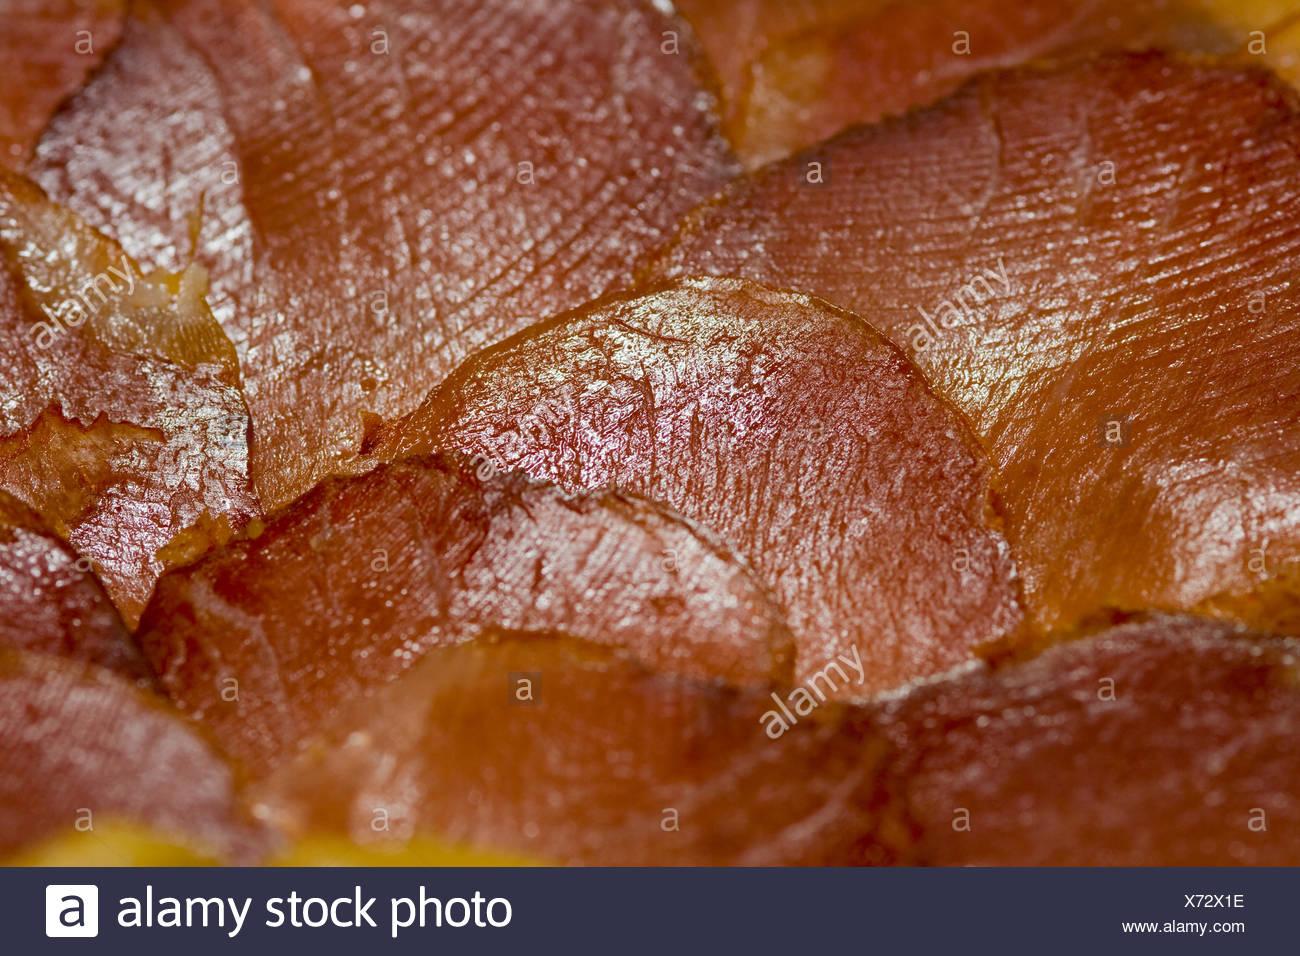 Lomo de cerdo iberico iberica - lombo di maiale Immagini Stock